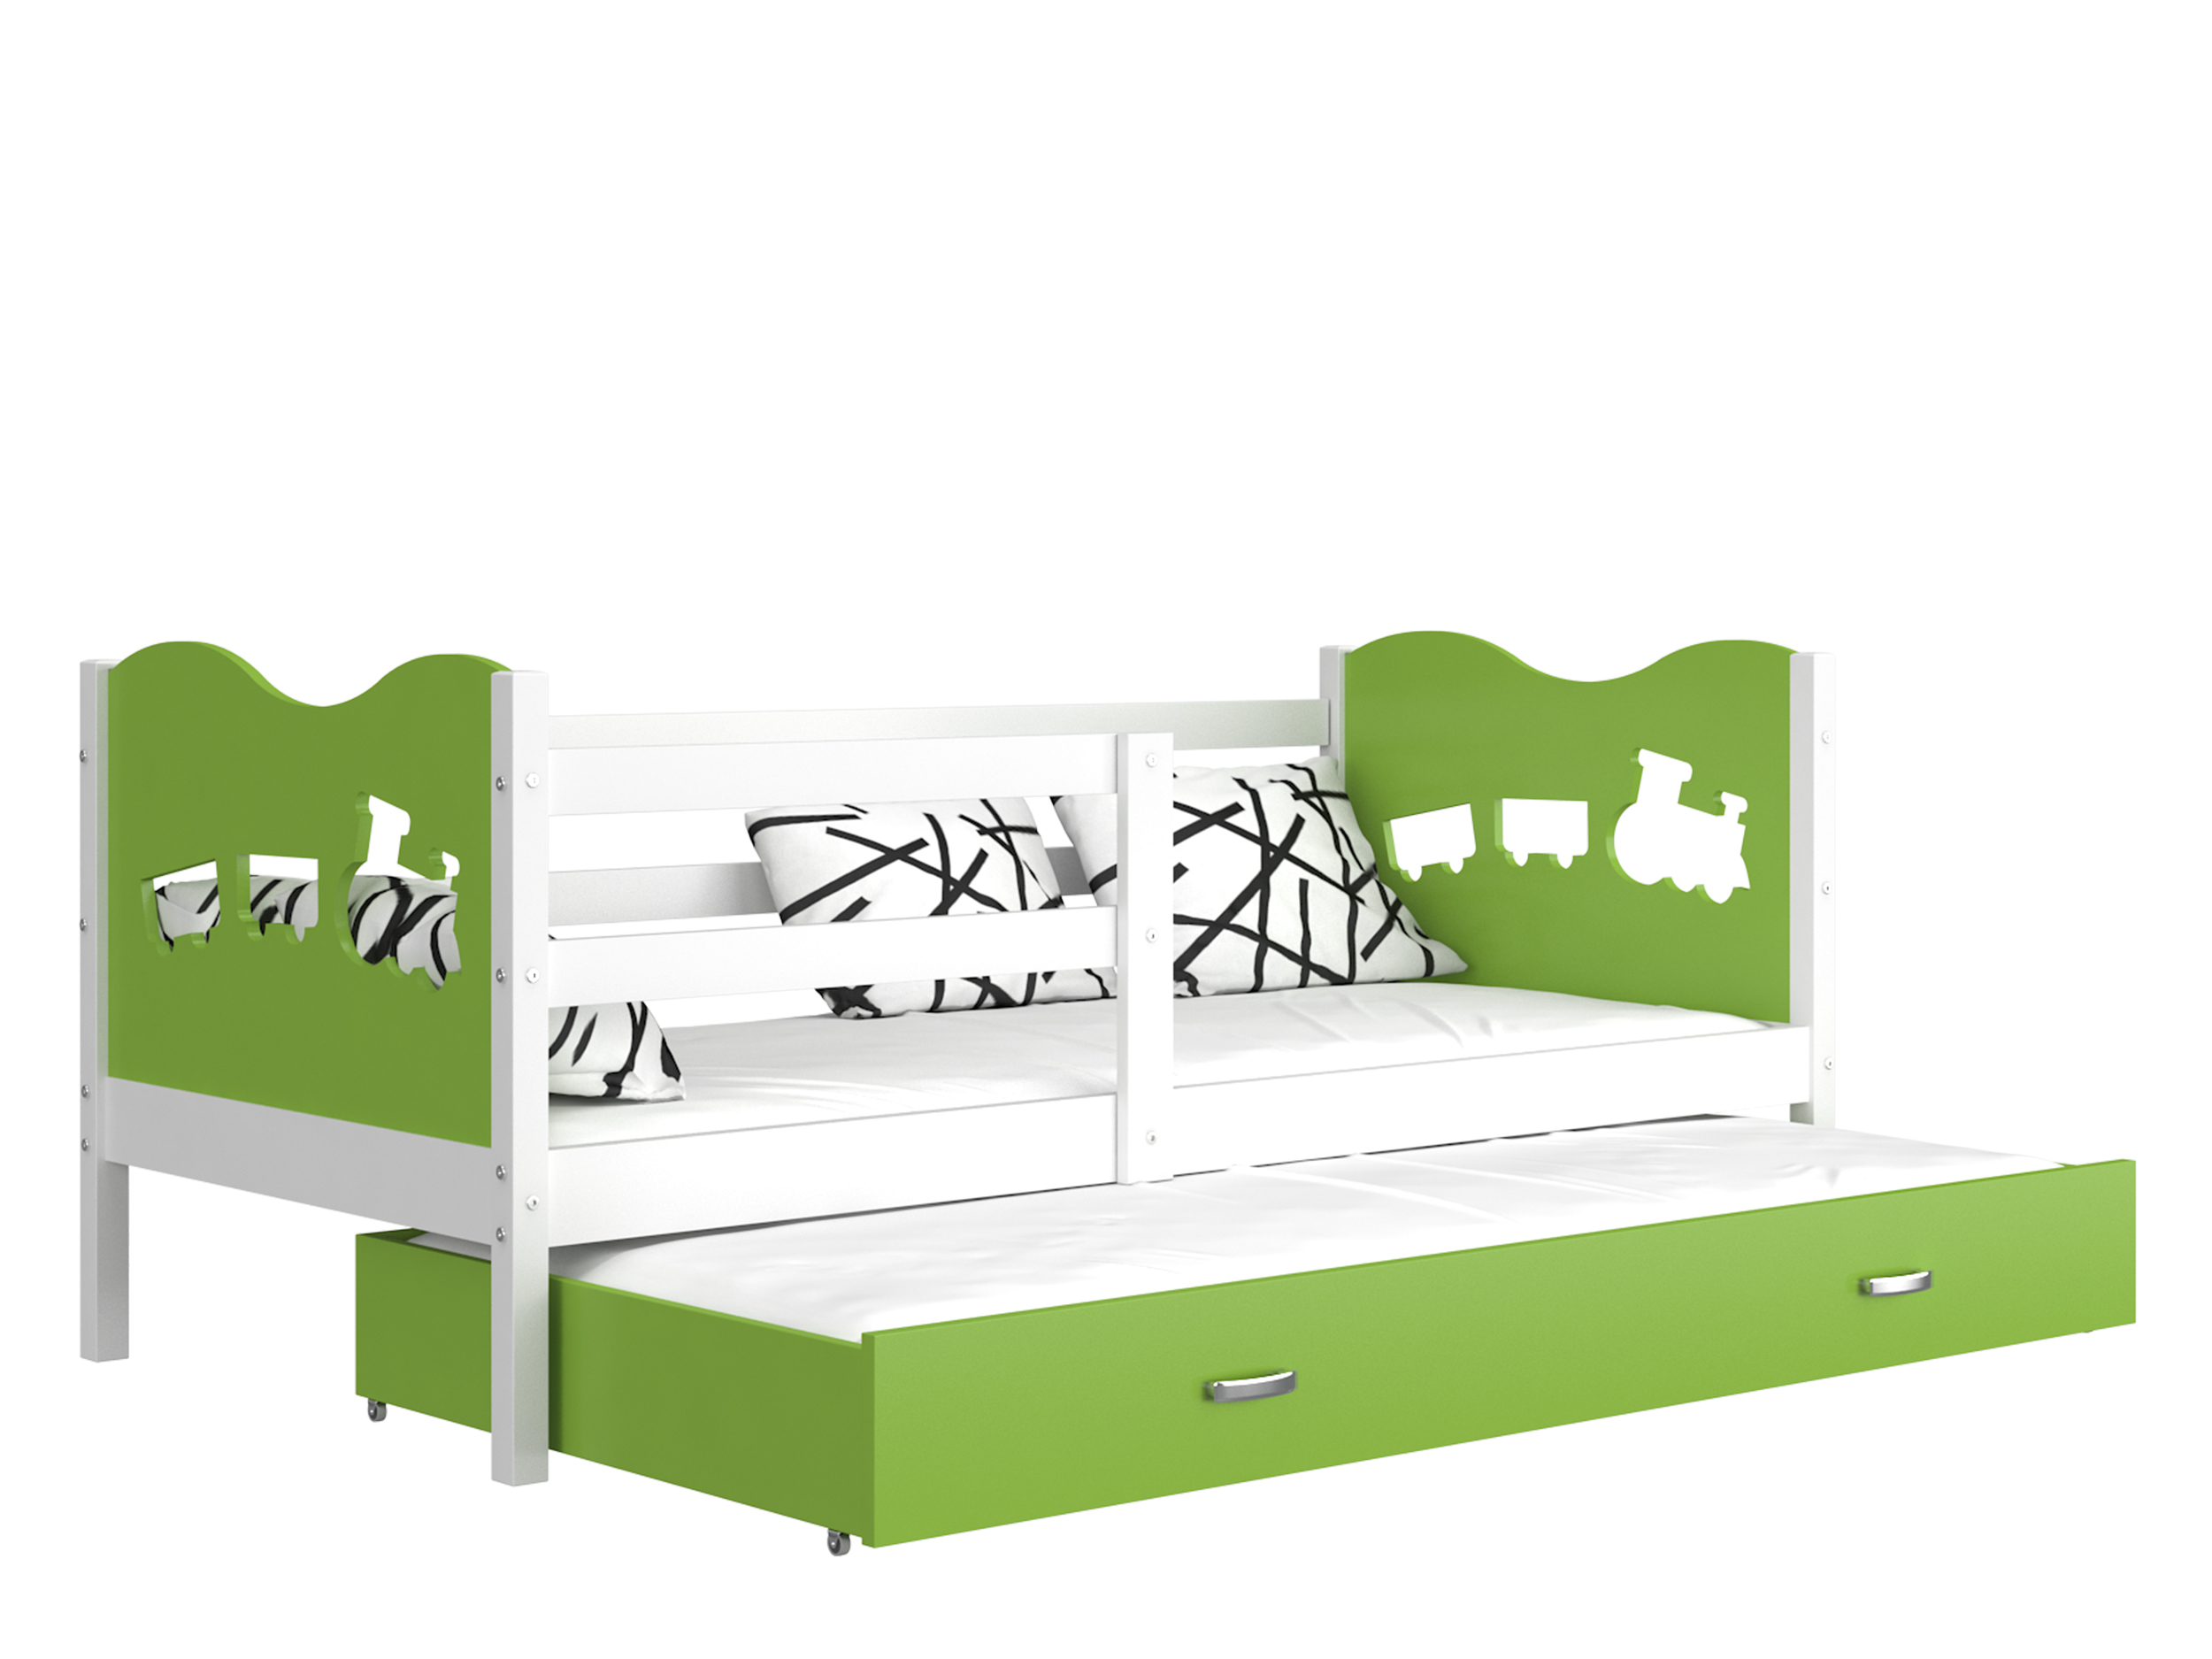 ArtAJ Detská posteľ MAX P2 / MDF 200 x 90 cm Farba: biela / zelená 200 x 90 cm, s matracom